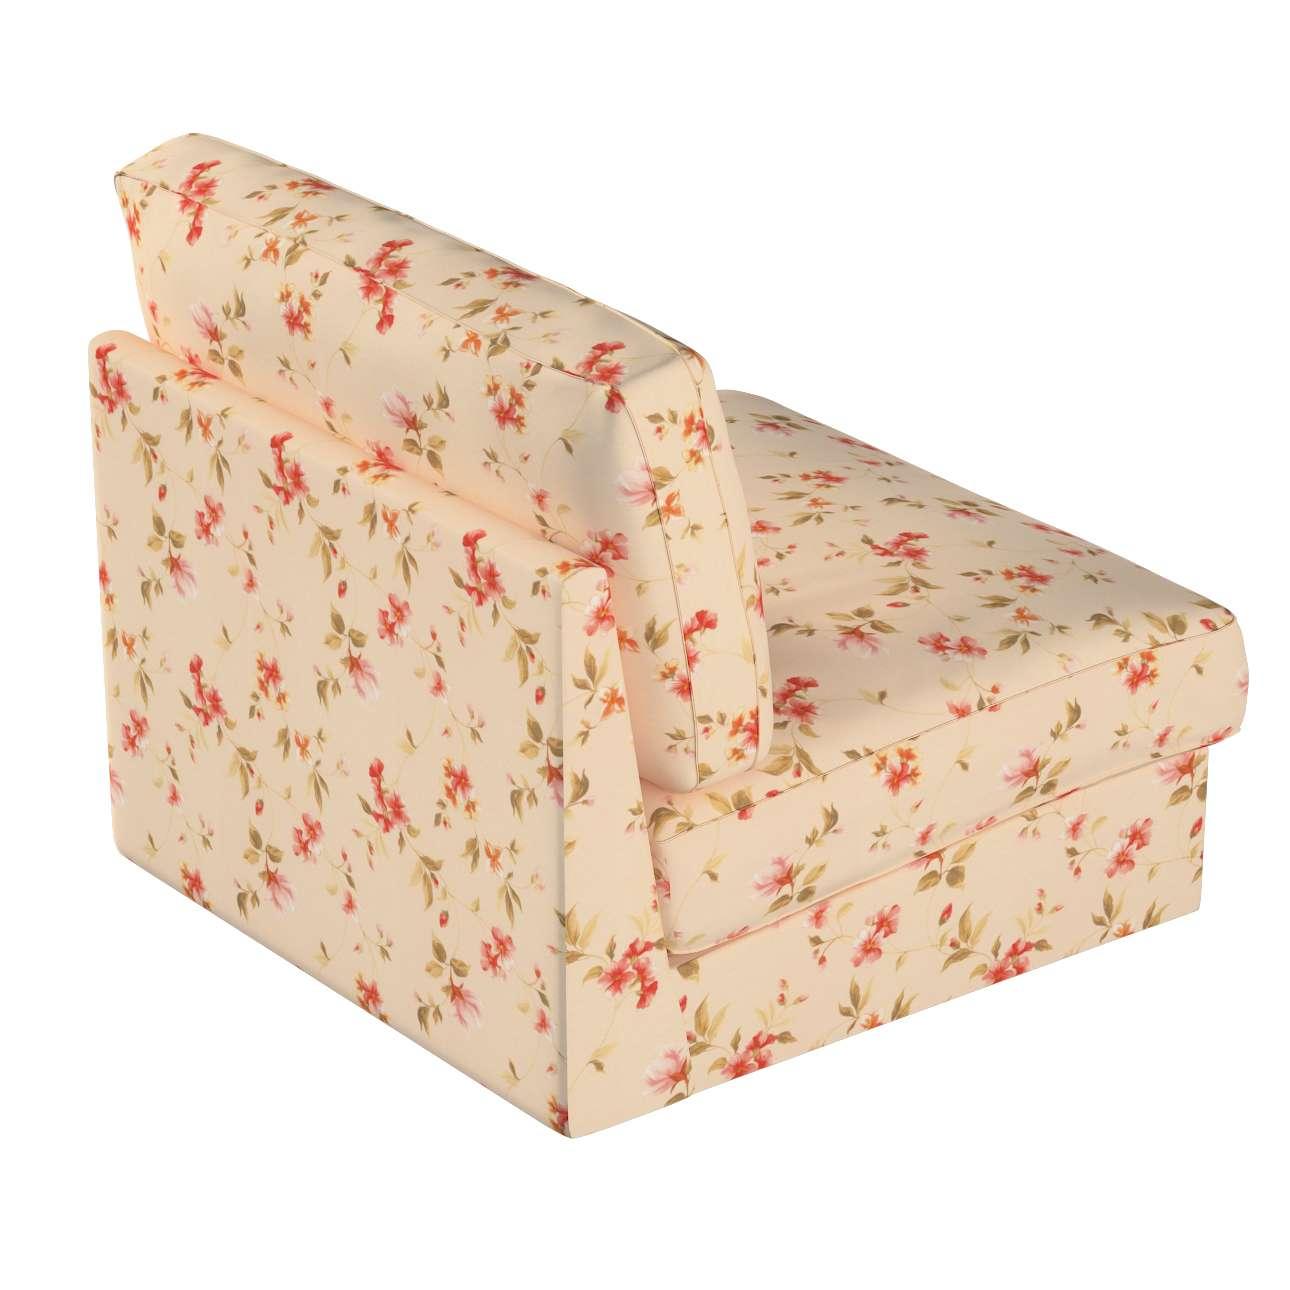 Pokrowiec na fotel Kivik w kolekcji Londres, tkanina: 124-05